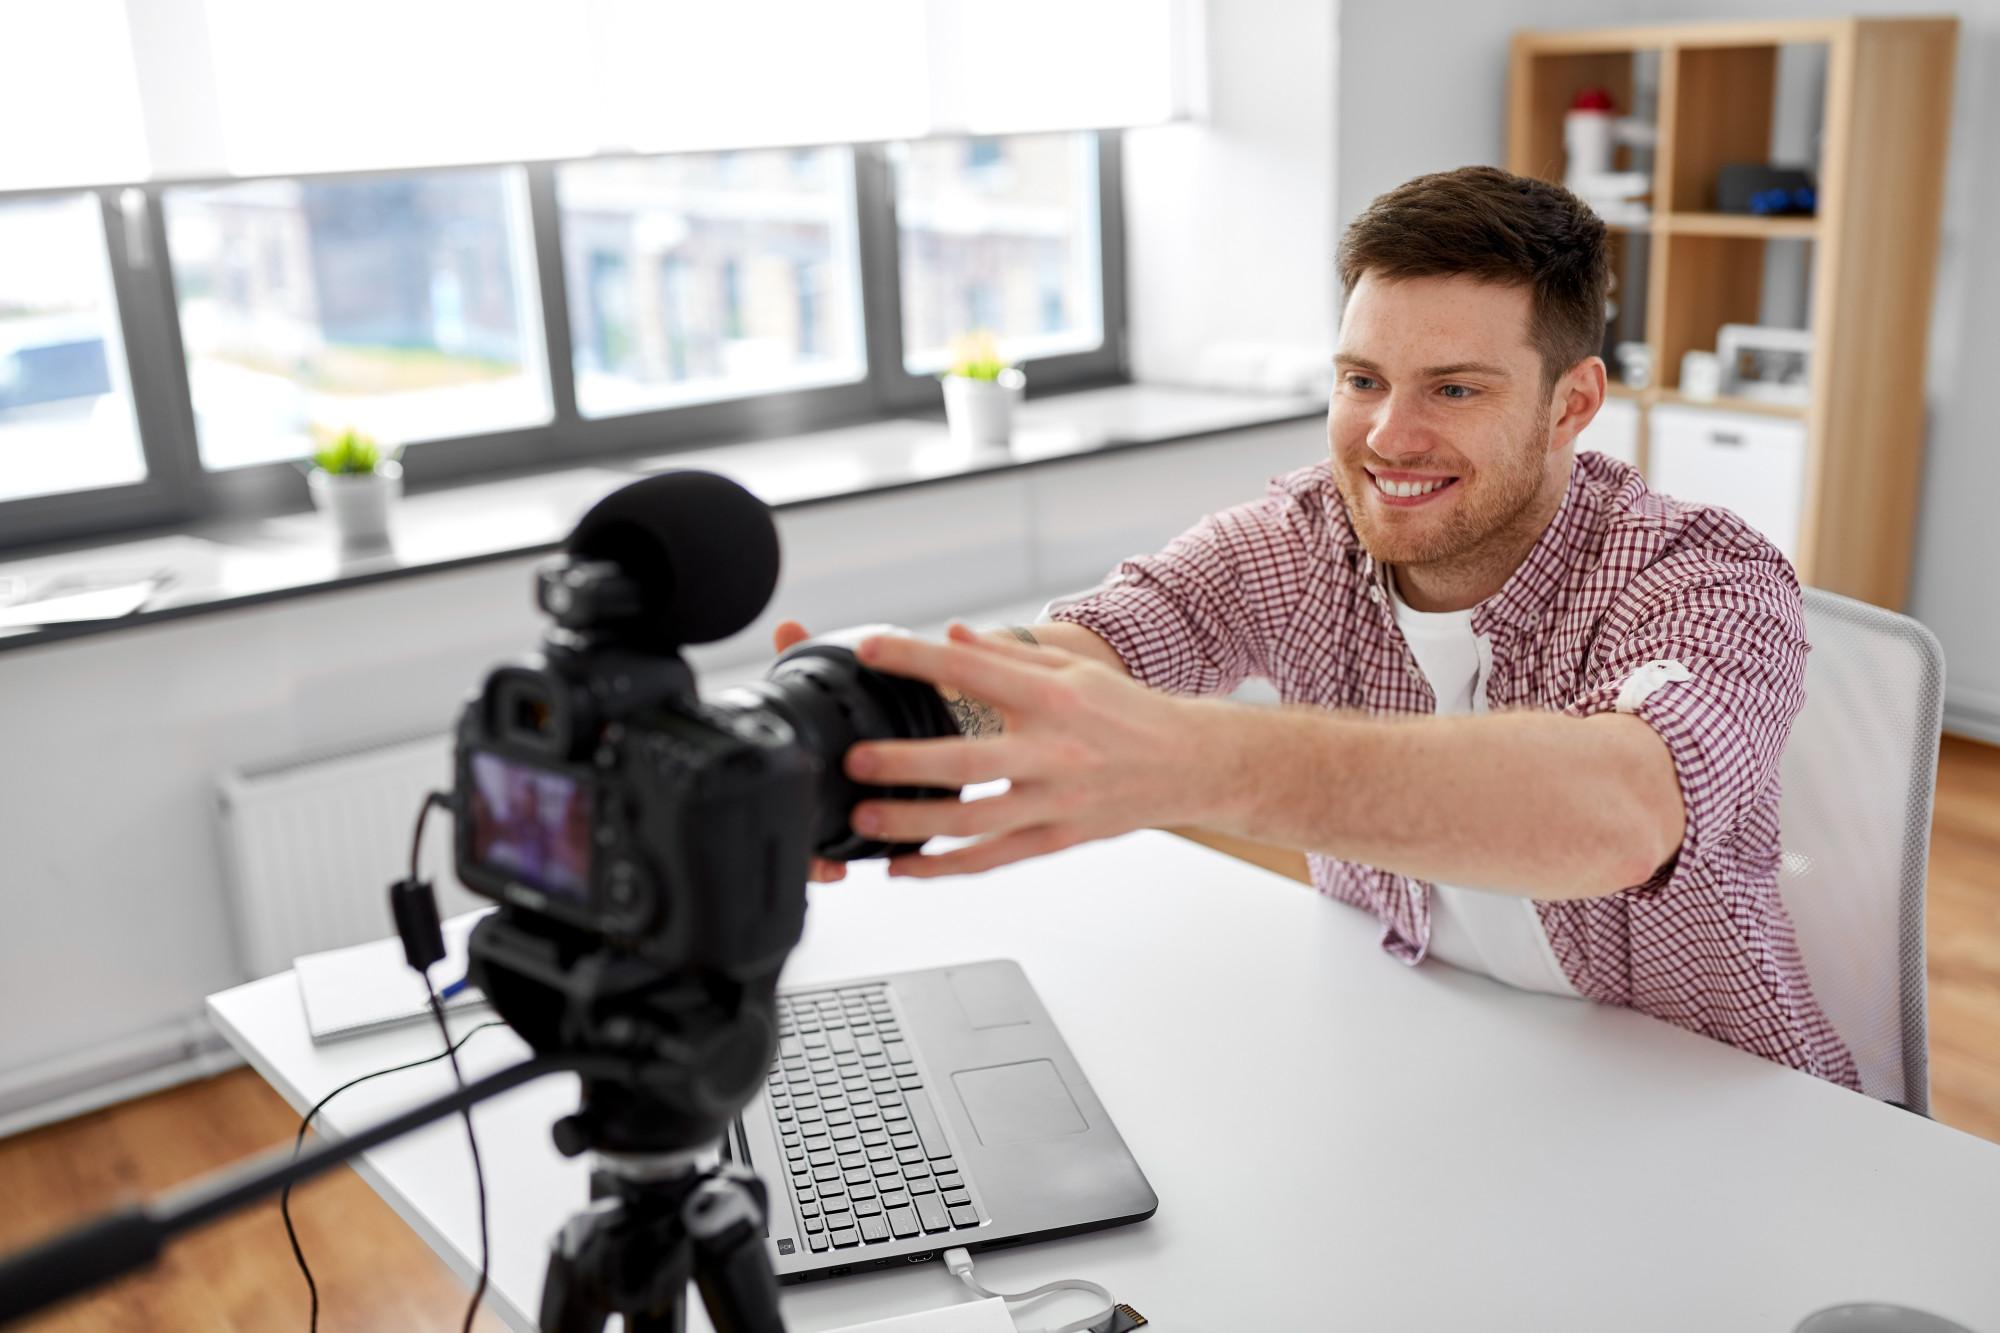 man making video